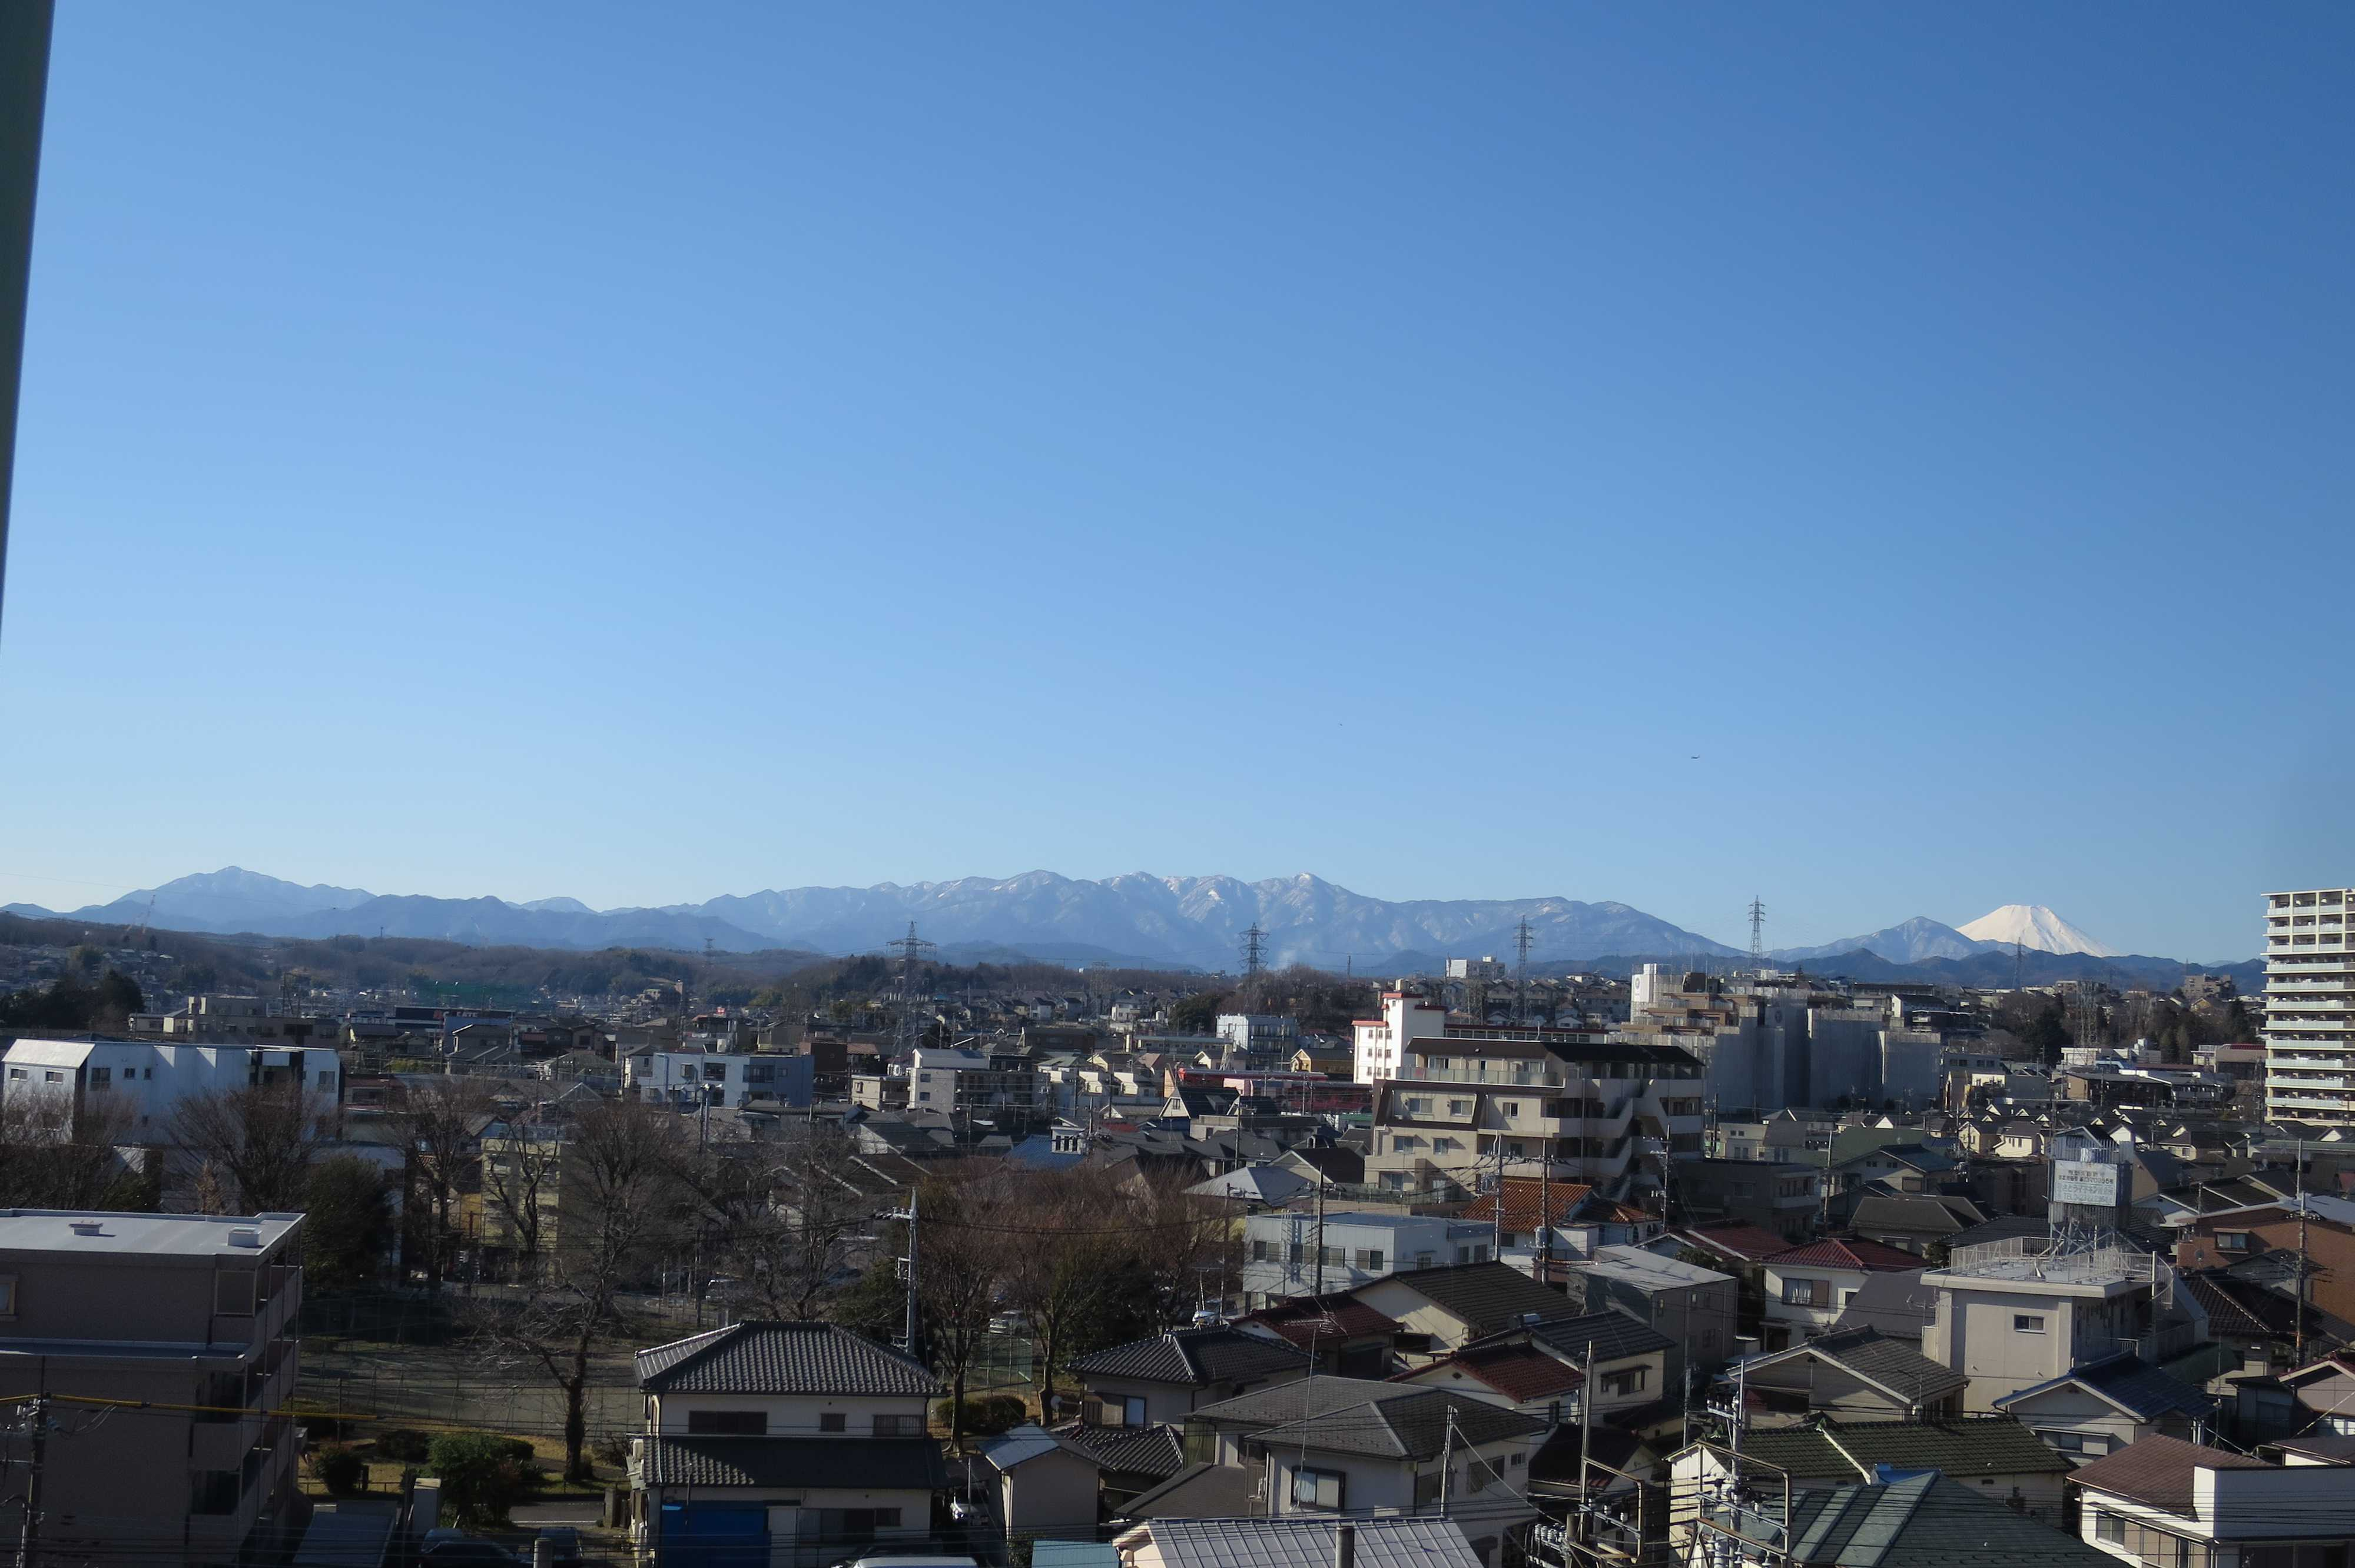 丹沢山地(丹沢山系)と富士山が見られる絶景スポット